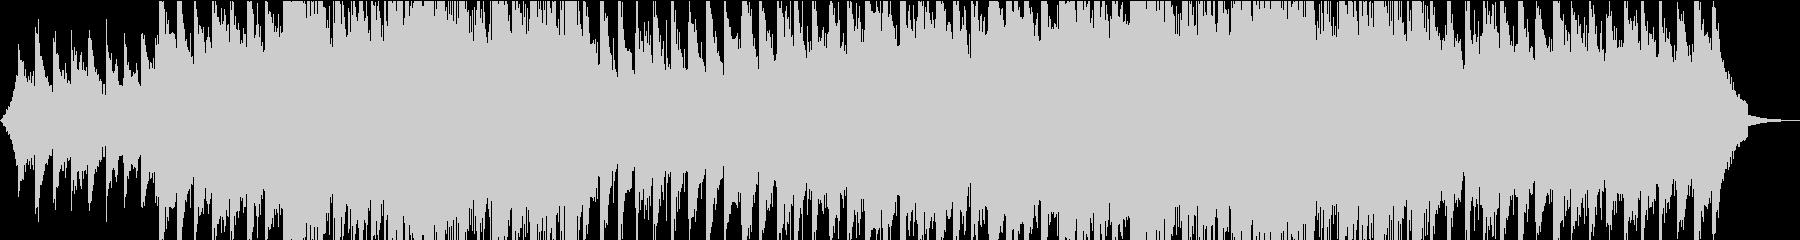 エモーショナルトロピカルなコーポレート②の未再生の波形